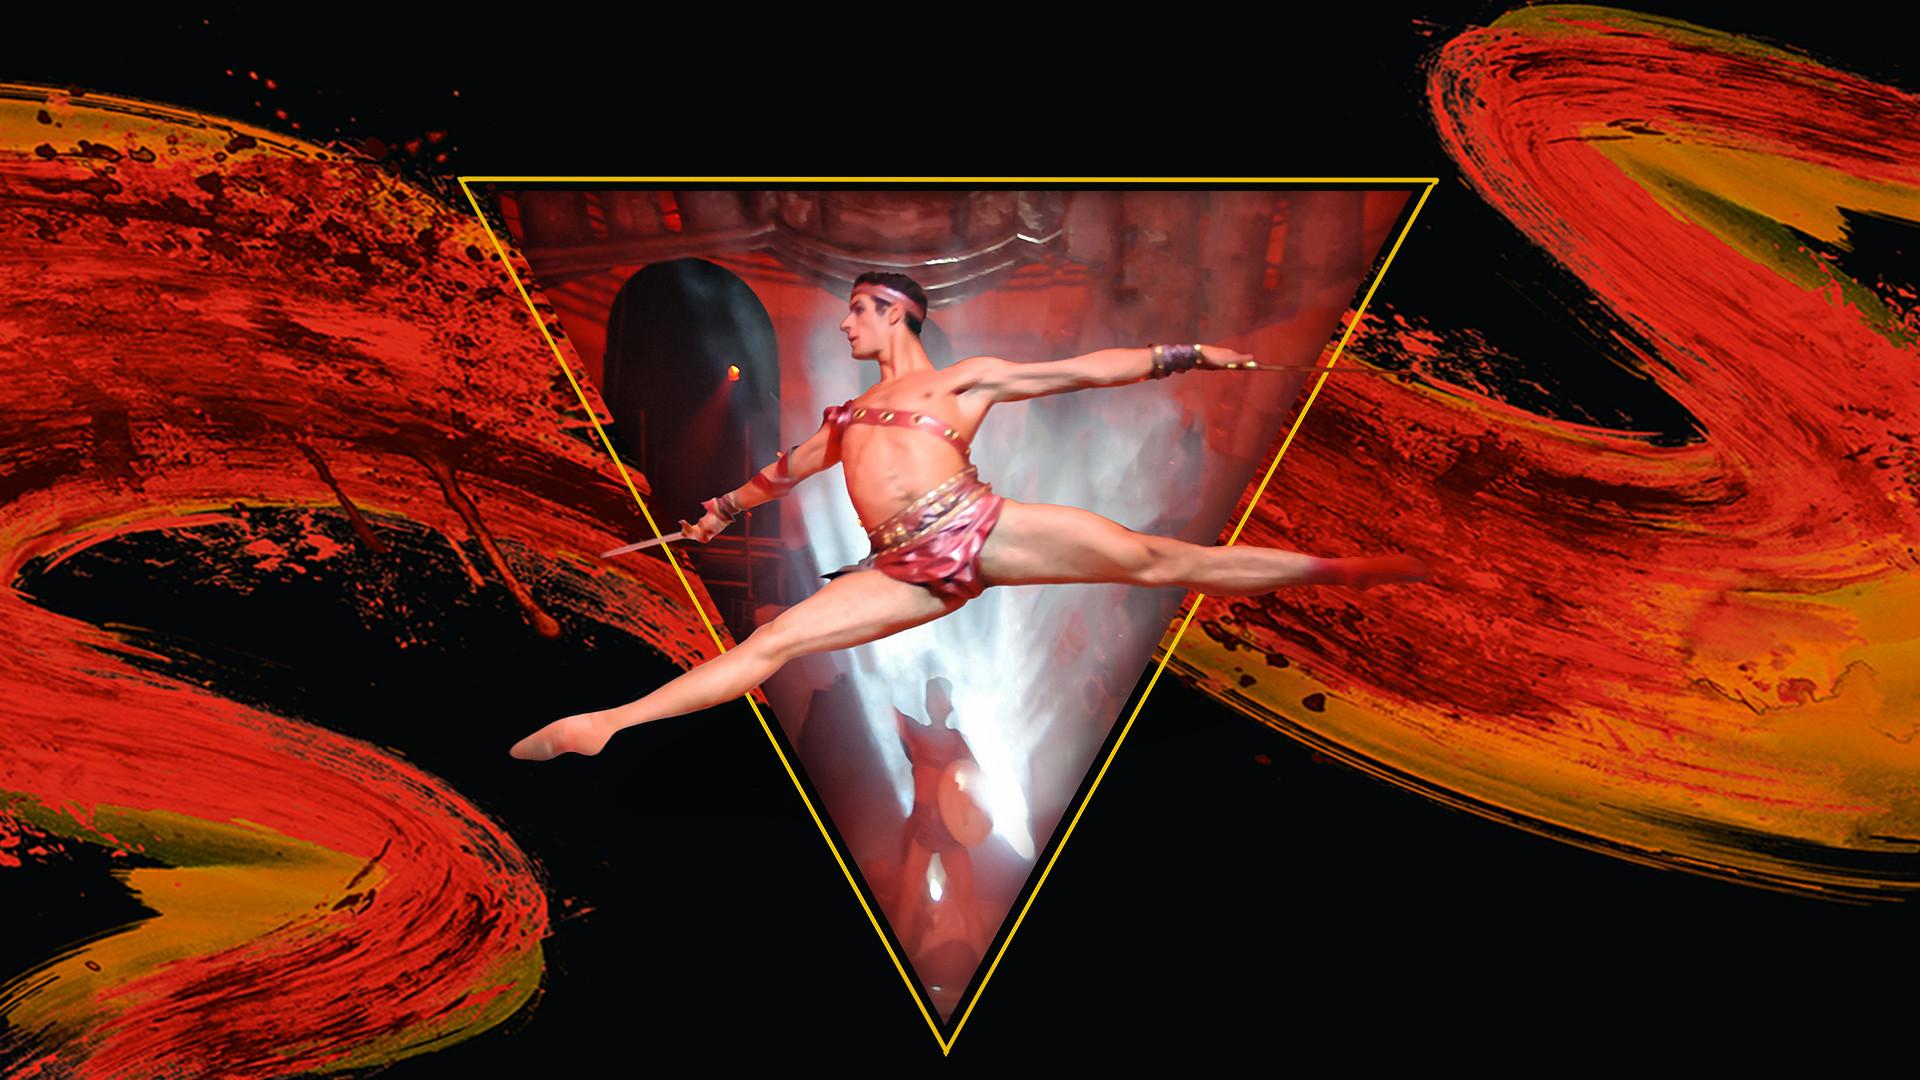 Спартак. Государственный академический театр классического балета Н. Касаткиной и В. Василёва